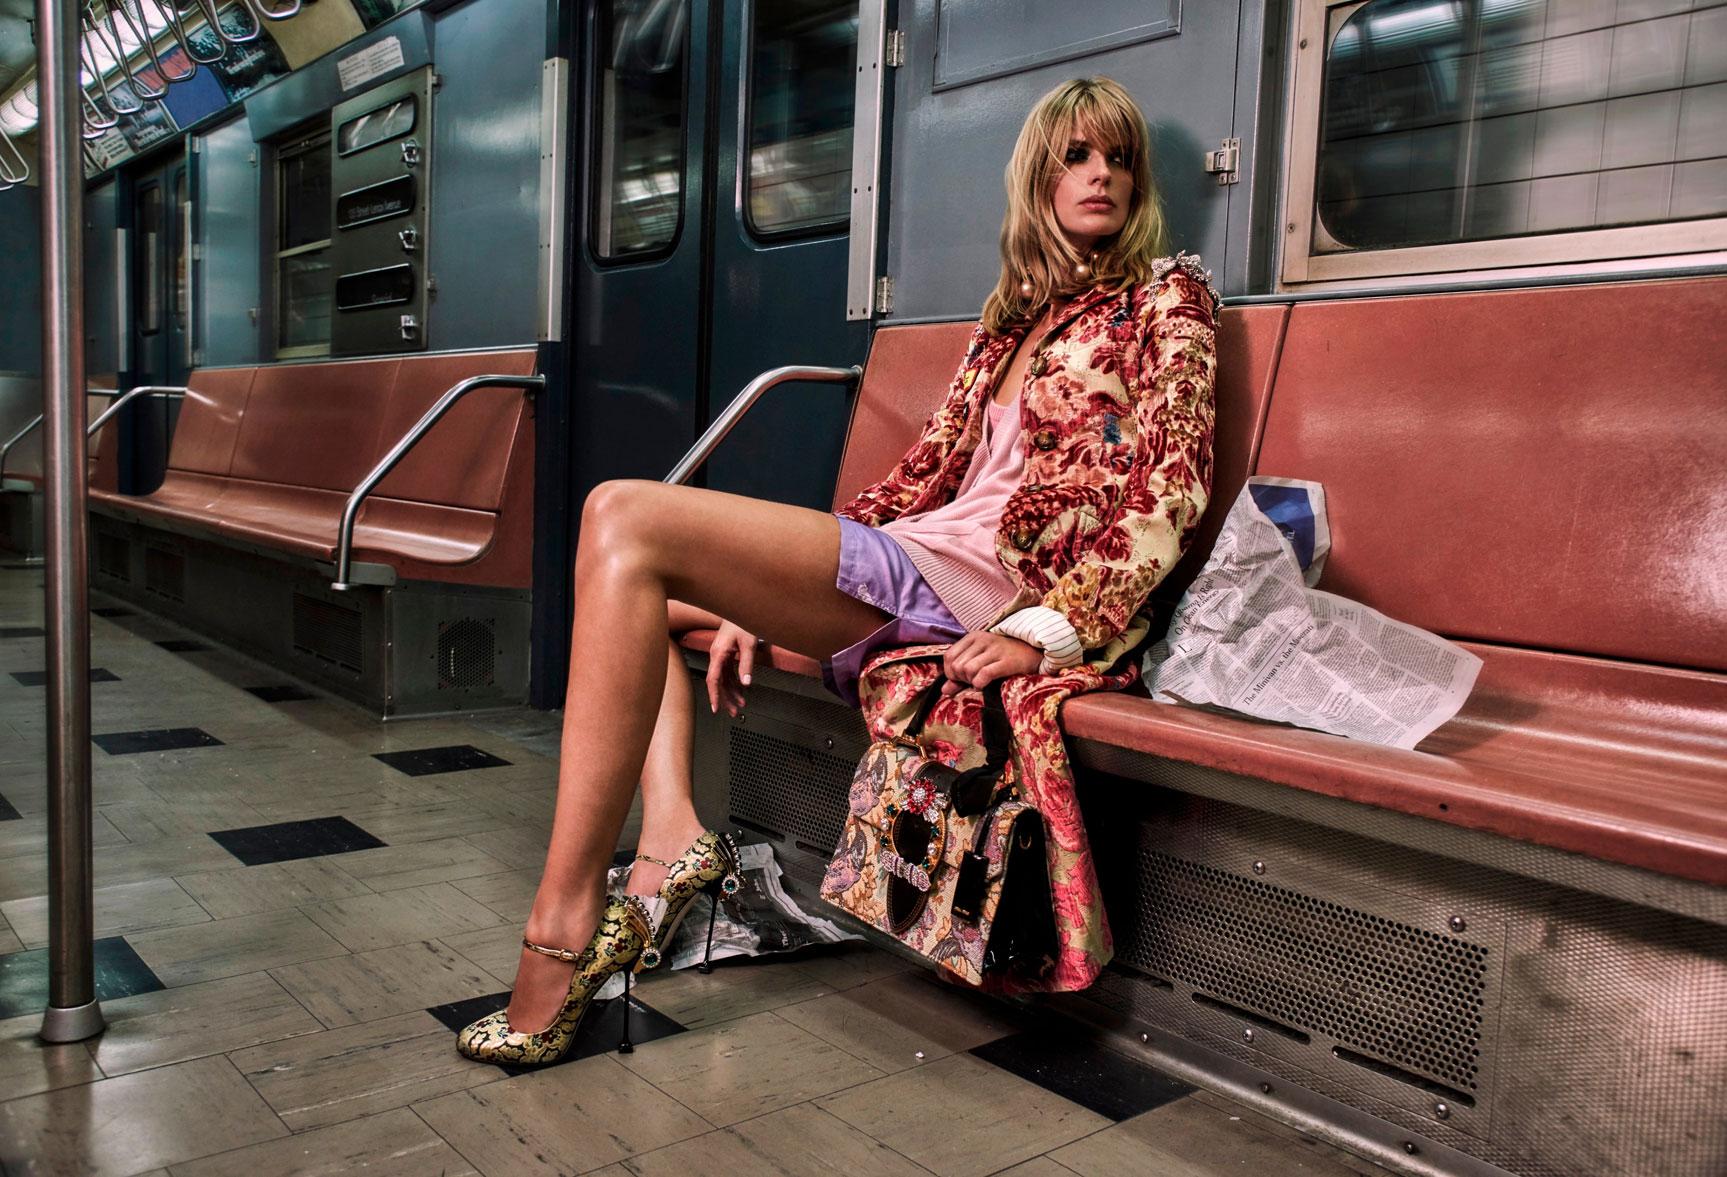 нью-йоркское метро с Джулией Штегнер / Julia Stegner by Chris Colls - The Edit october 2016